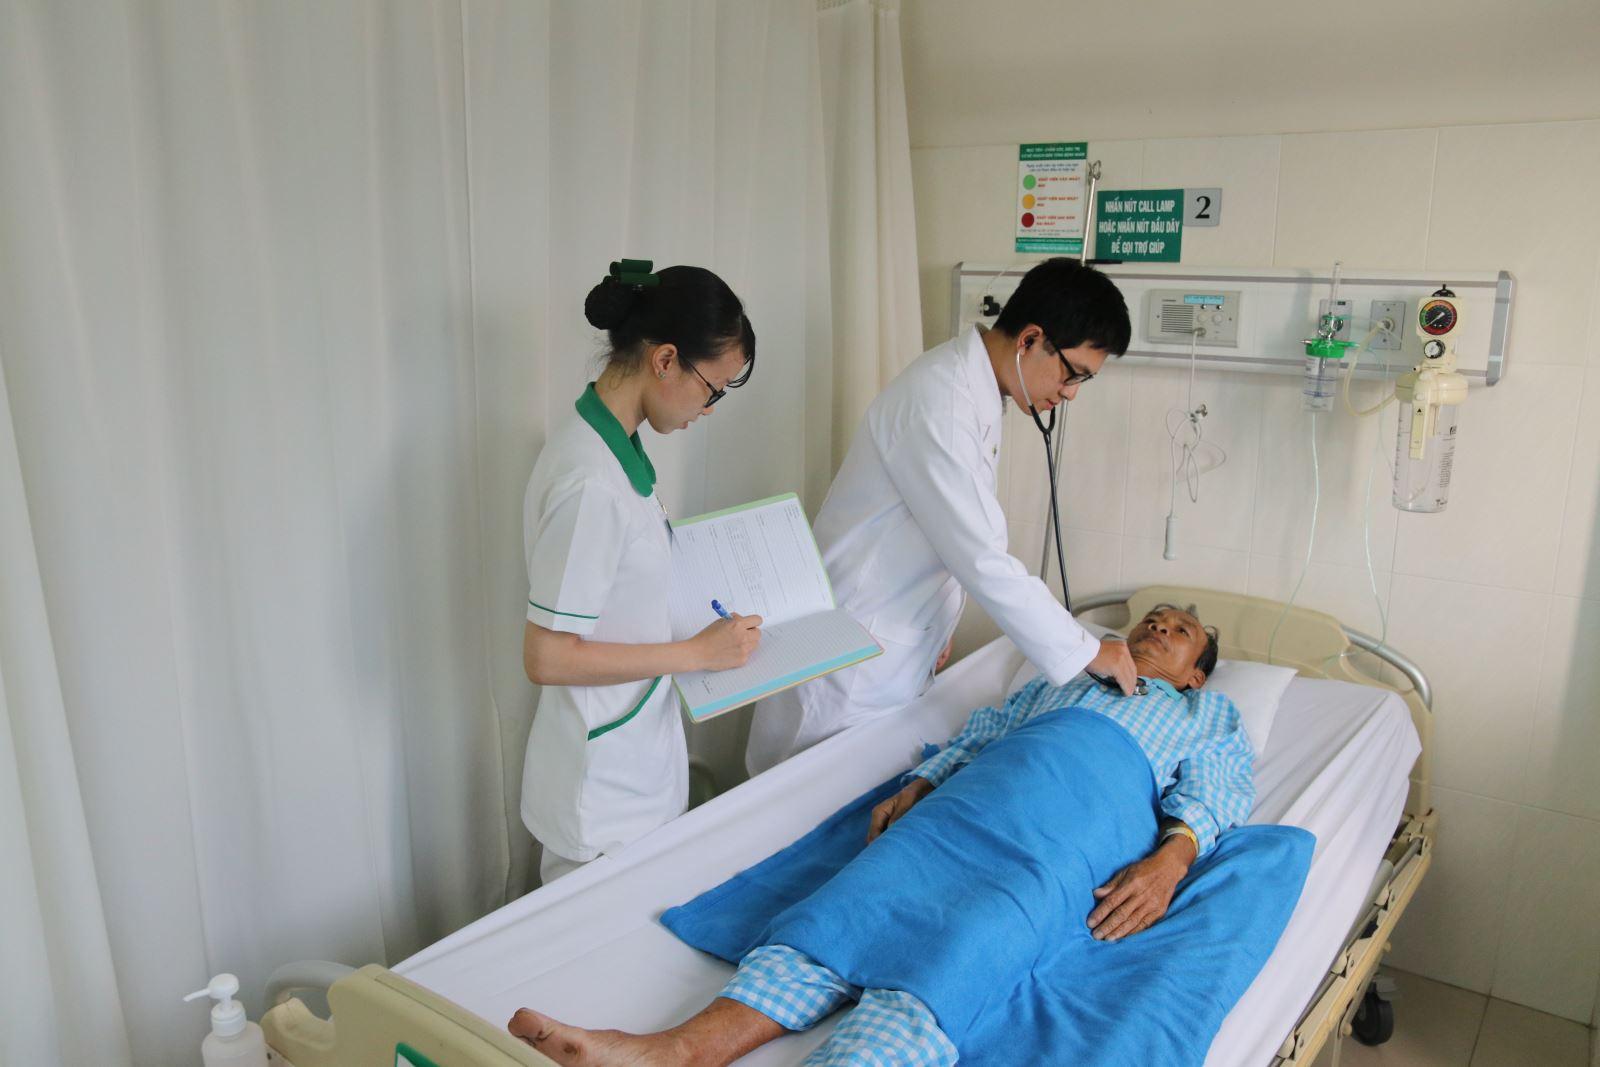 Hơn 1.900 dịch vụ y tế sẽ được điều chỉnh giá từ ngày 15/12